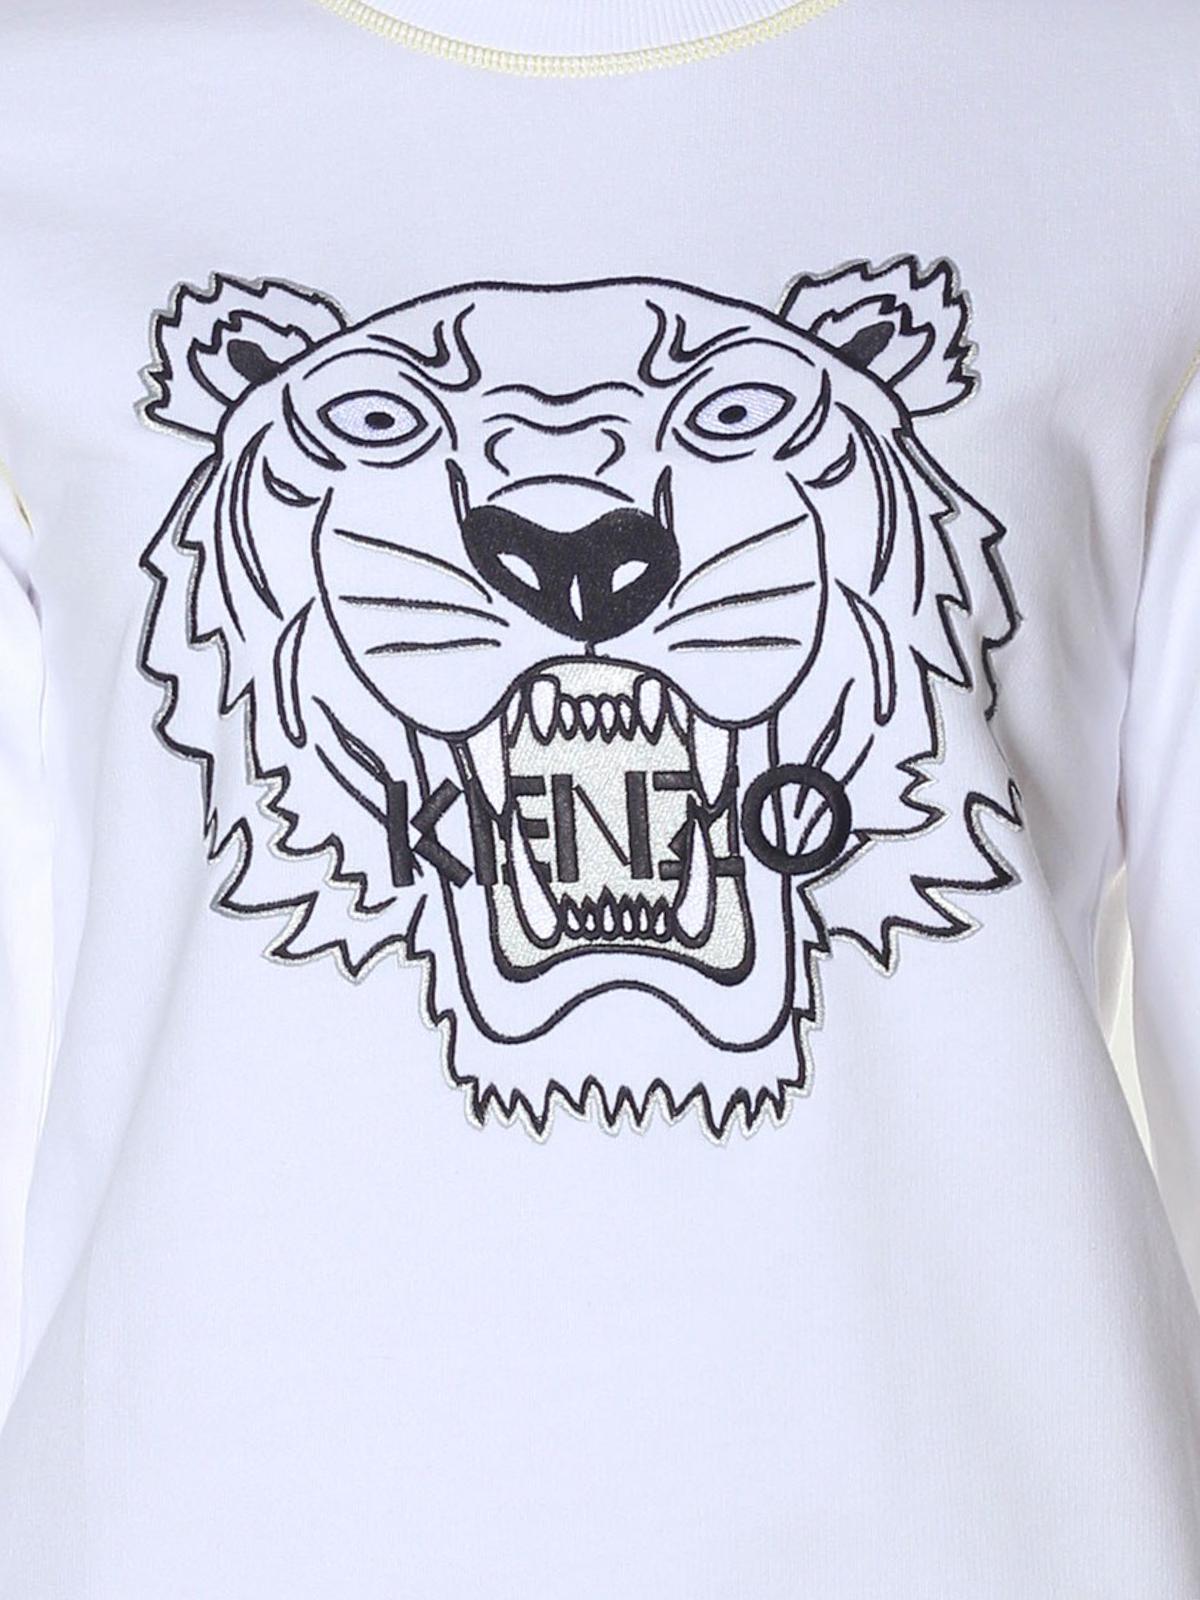 più foto 48f17 a5501 Kenzo - Felpa bianca con ricamo Tiger - Felpe e maglie ...